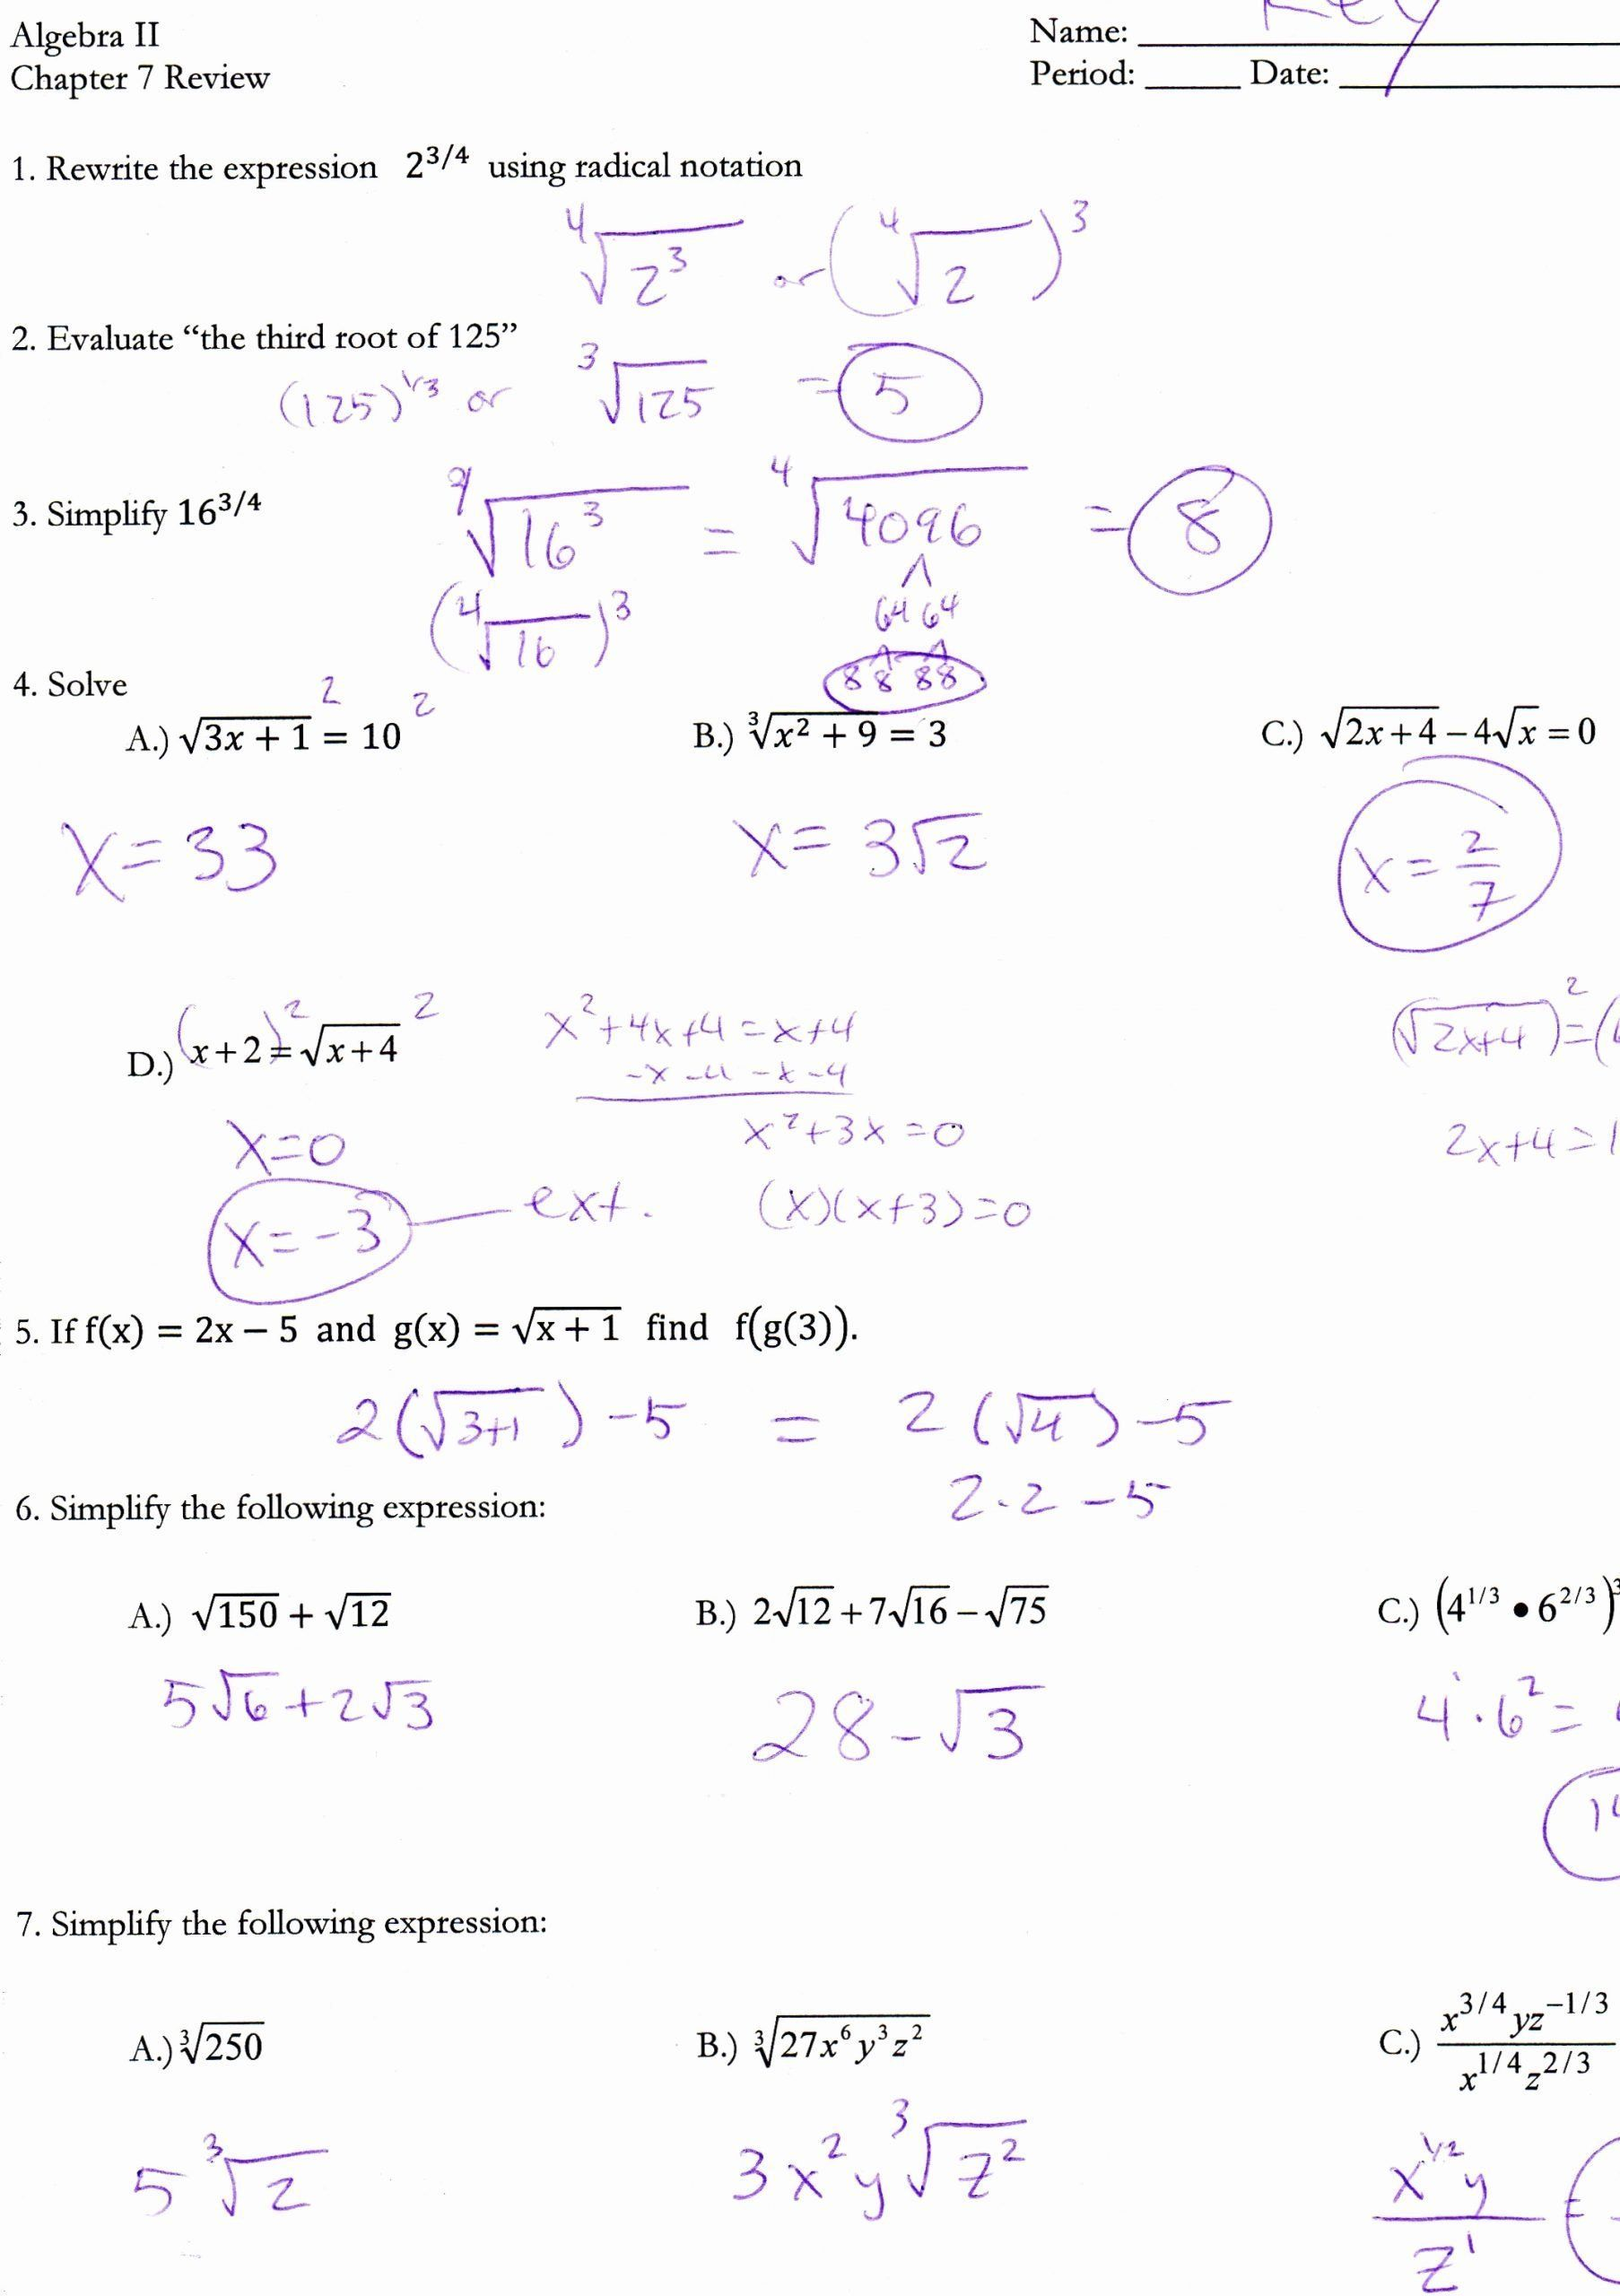 Algebra 2 Review Worksheet Luxury Algebra Ii Mr Shepherd S